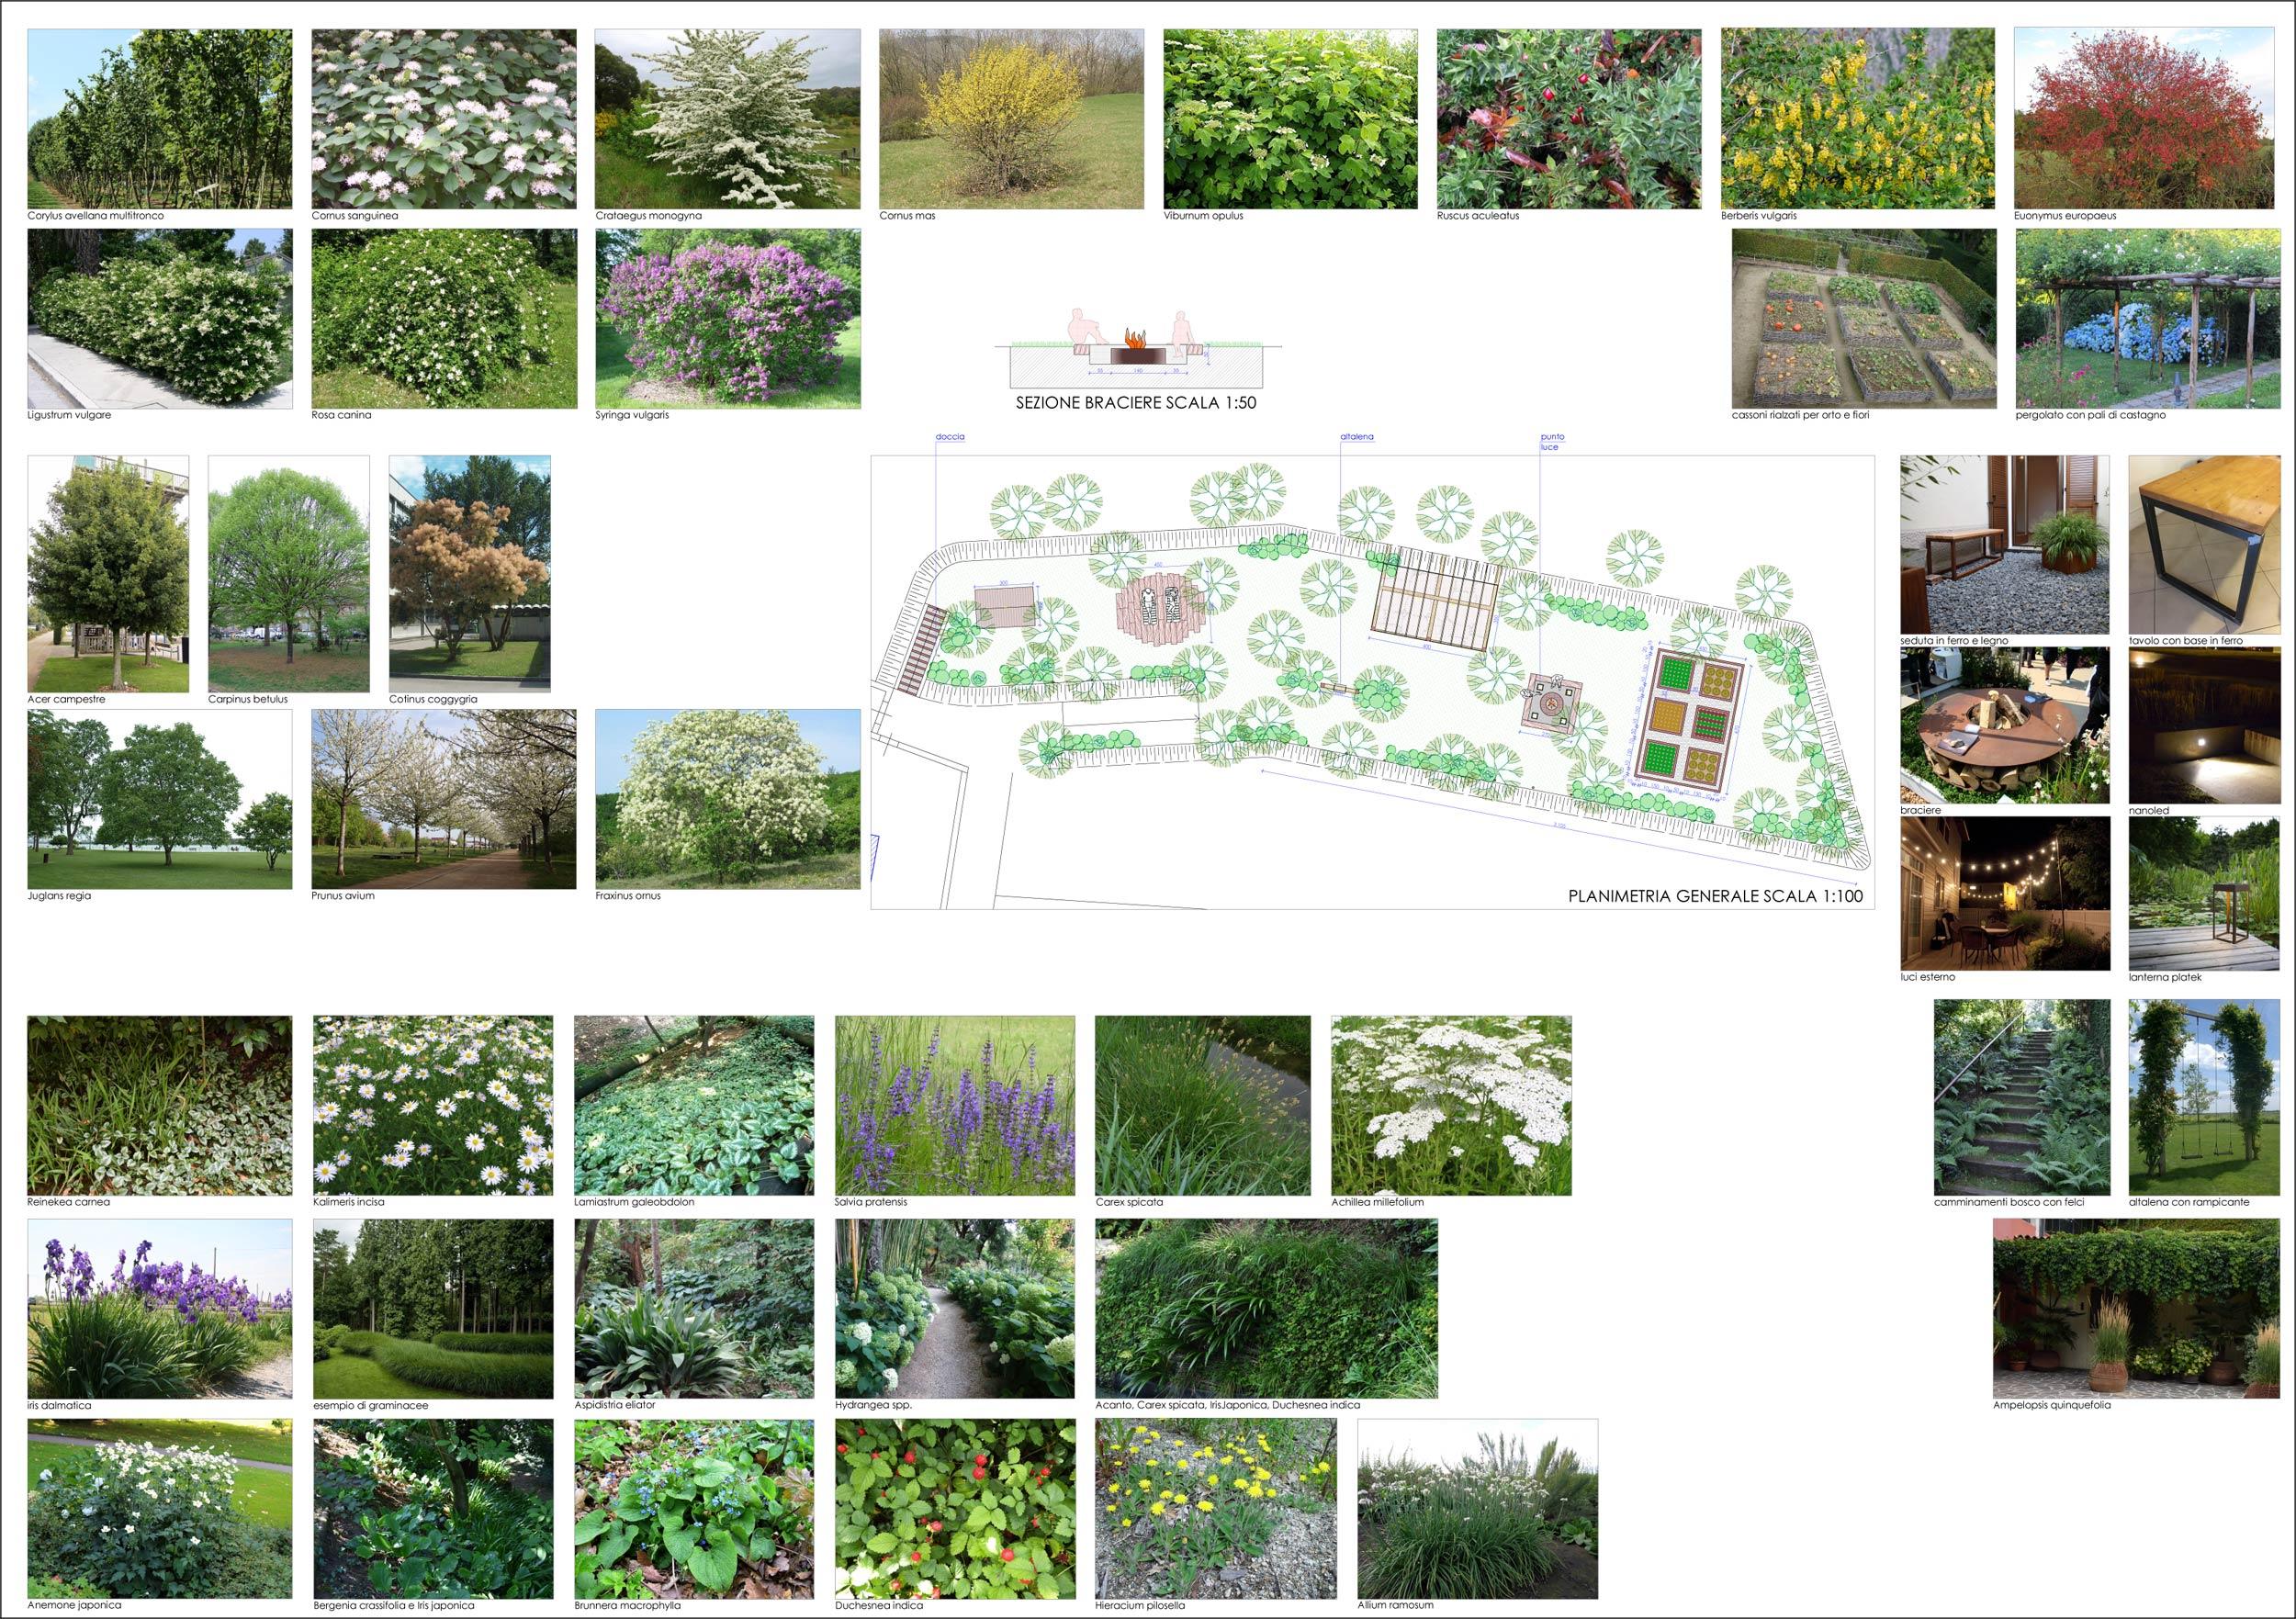 Progetti giardino beautiful prezzi giardini with progetti - Progetti giardino per villette ...